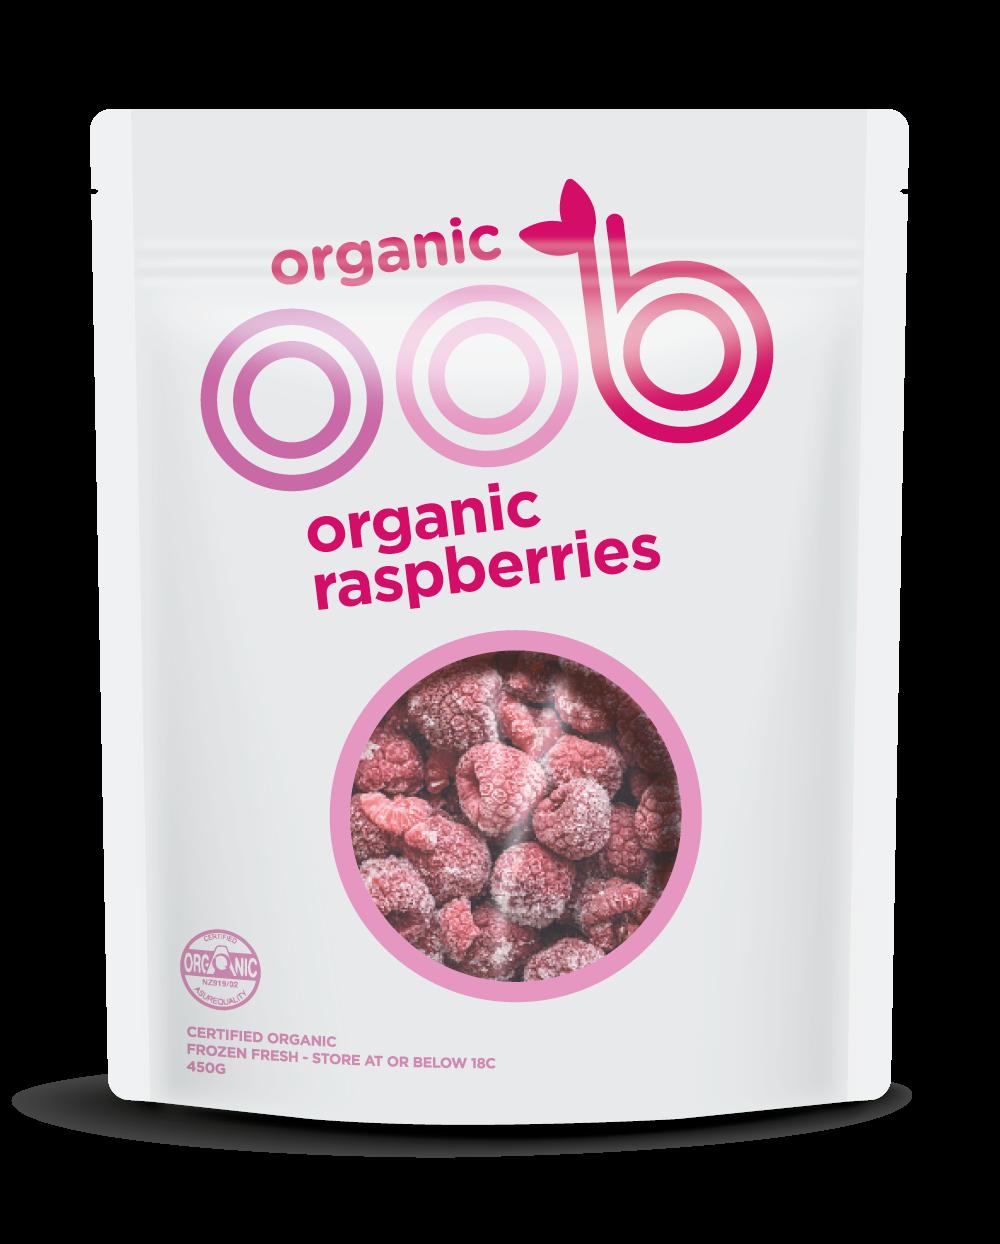 33845-OOB-Single-Fruit-Range-Raspberries-Mockup (1).png